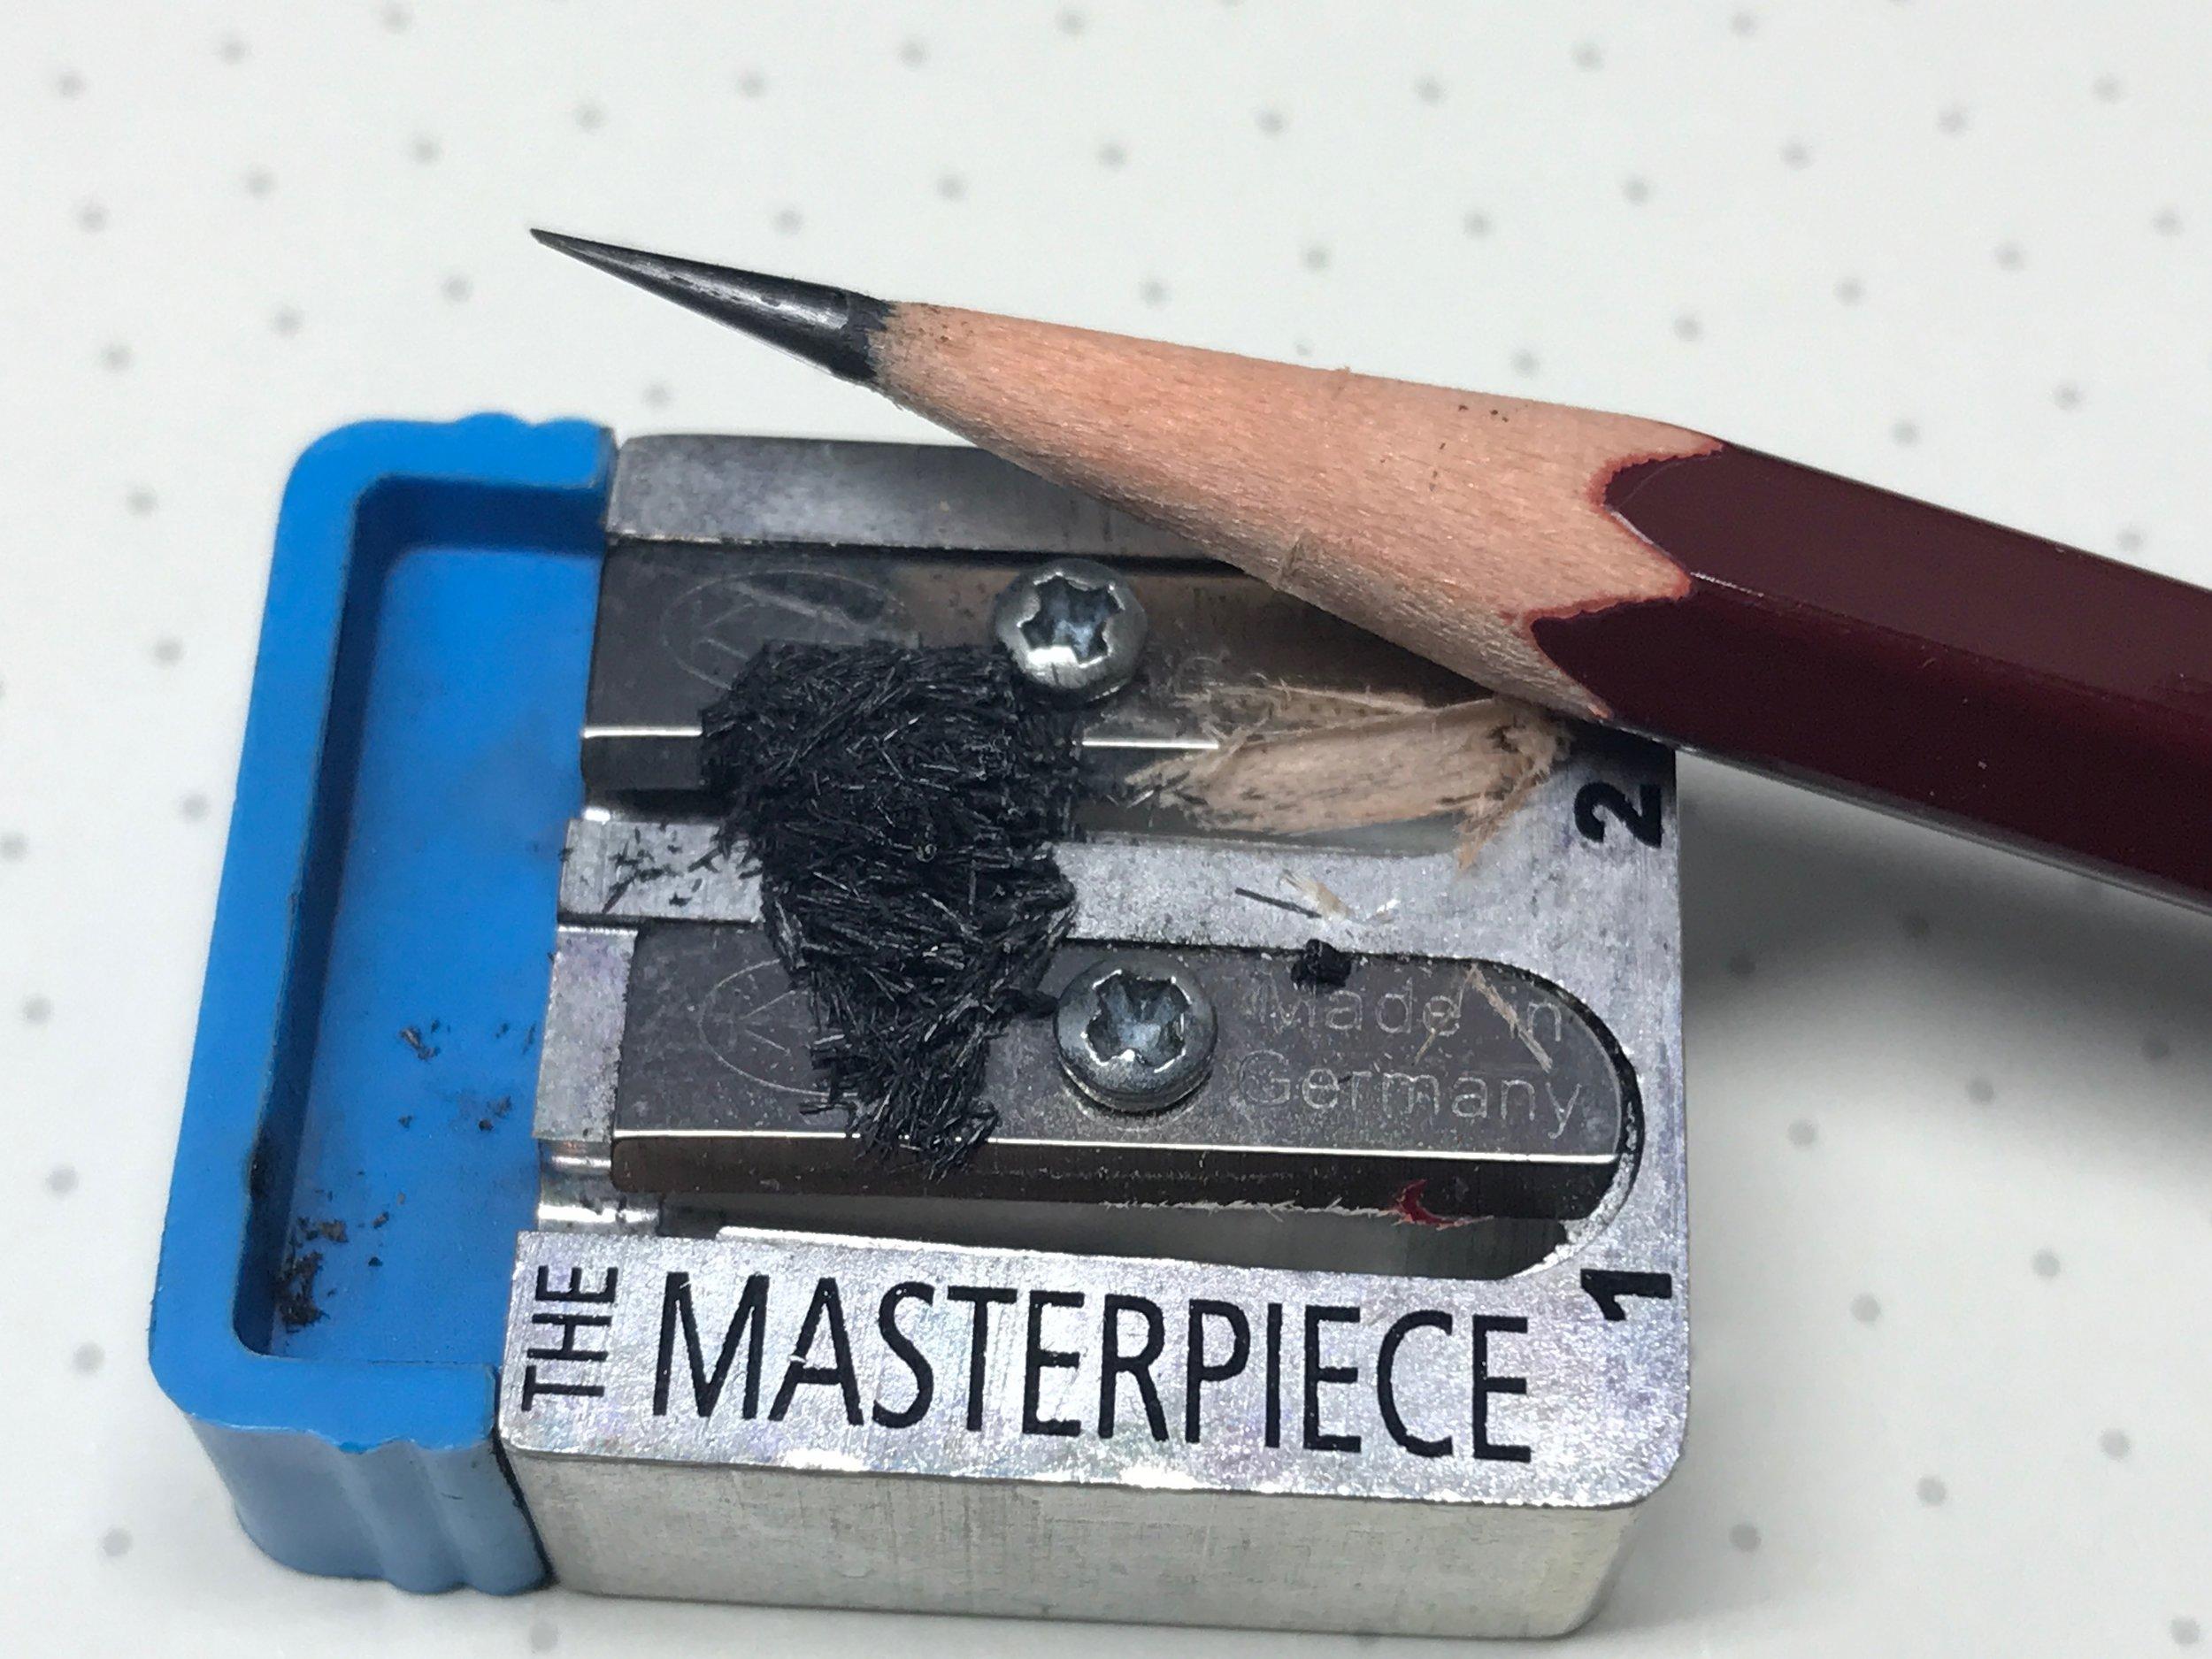 KUM-Masterpiece-Sharpener-8.jpg